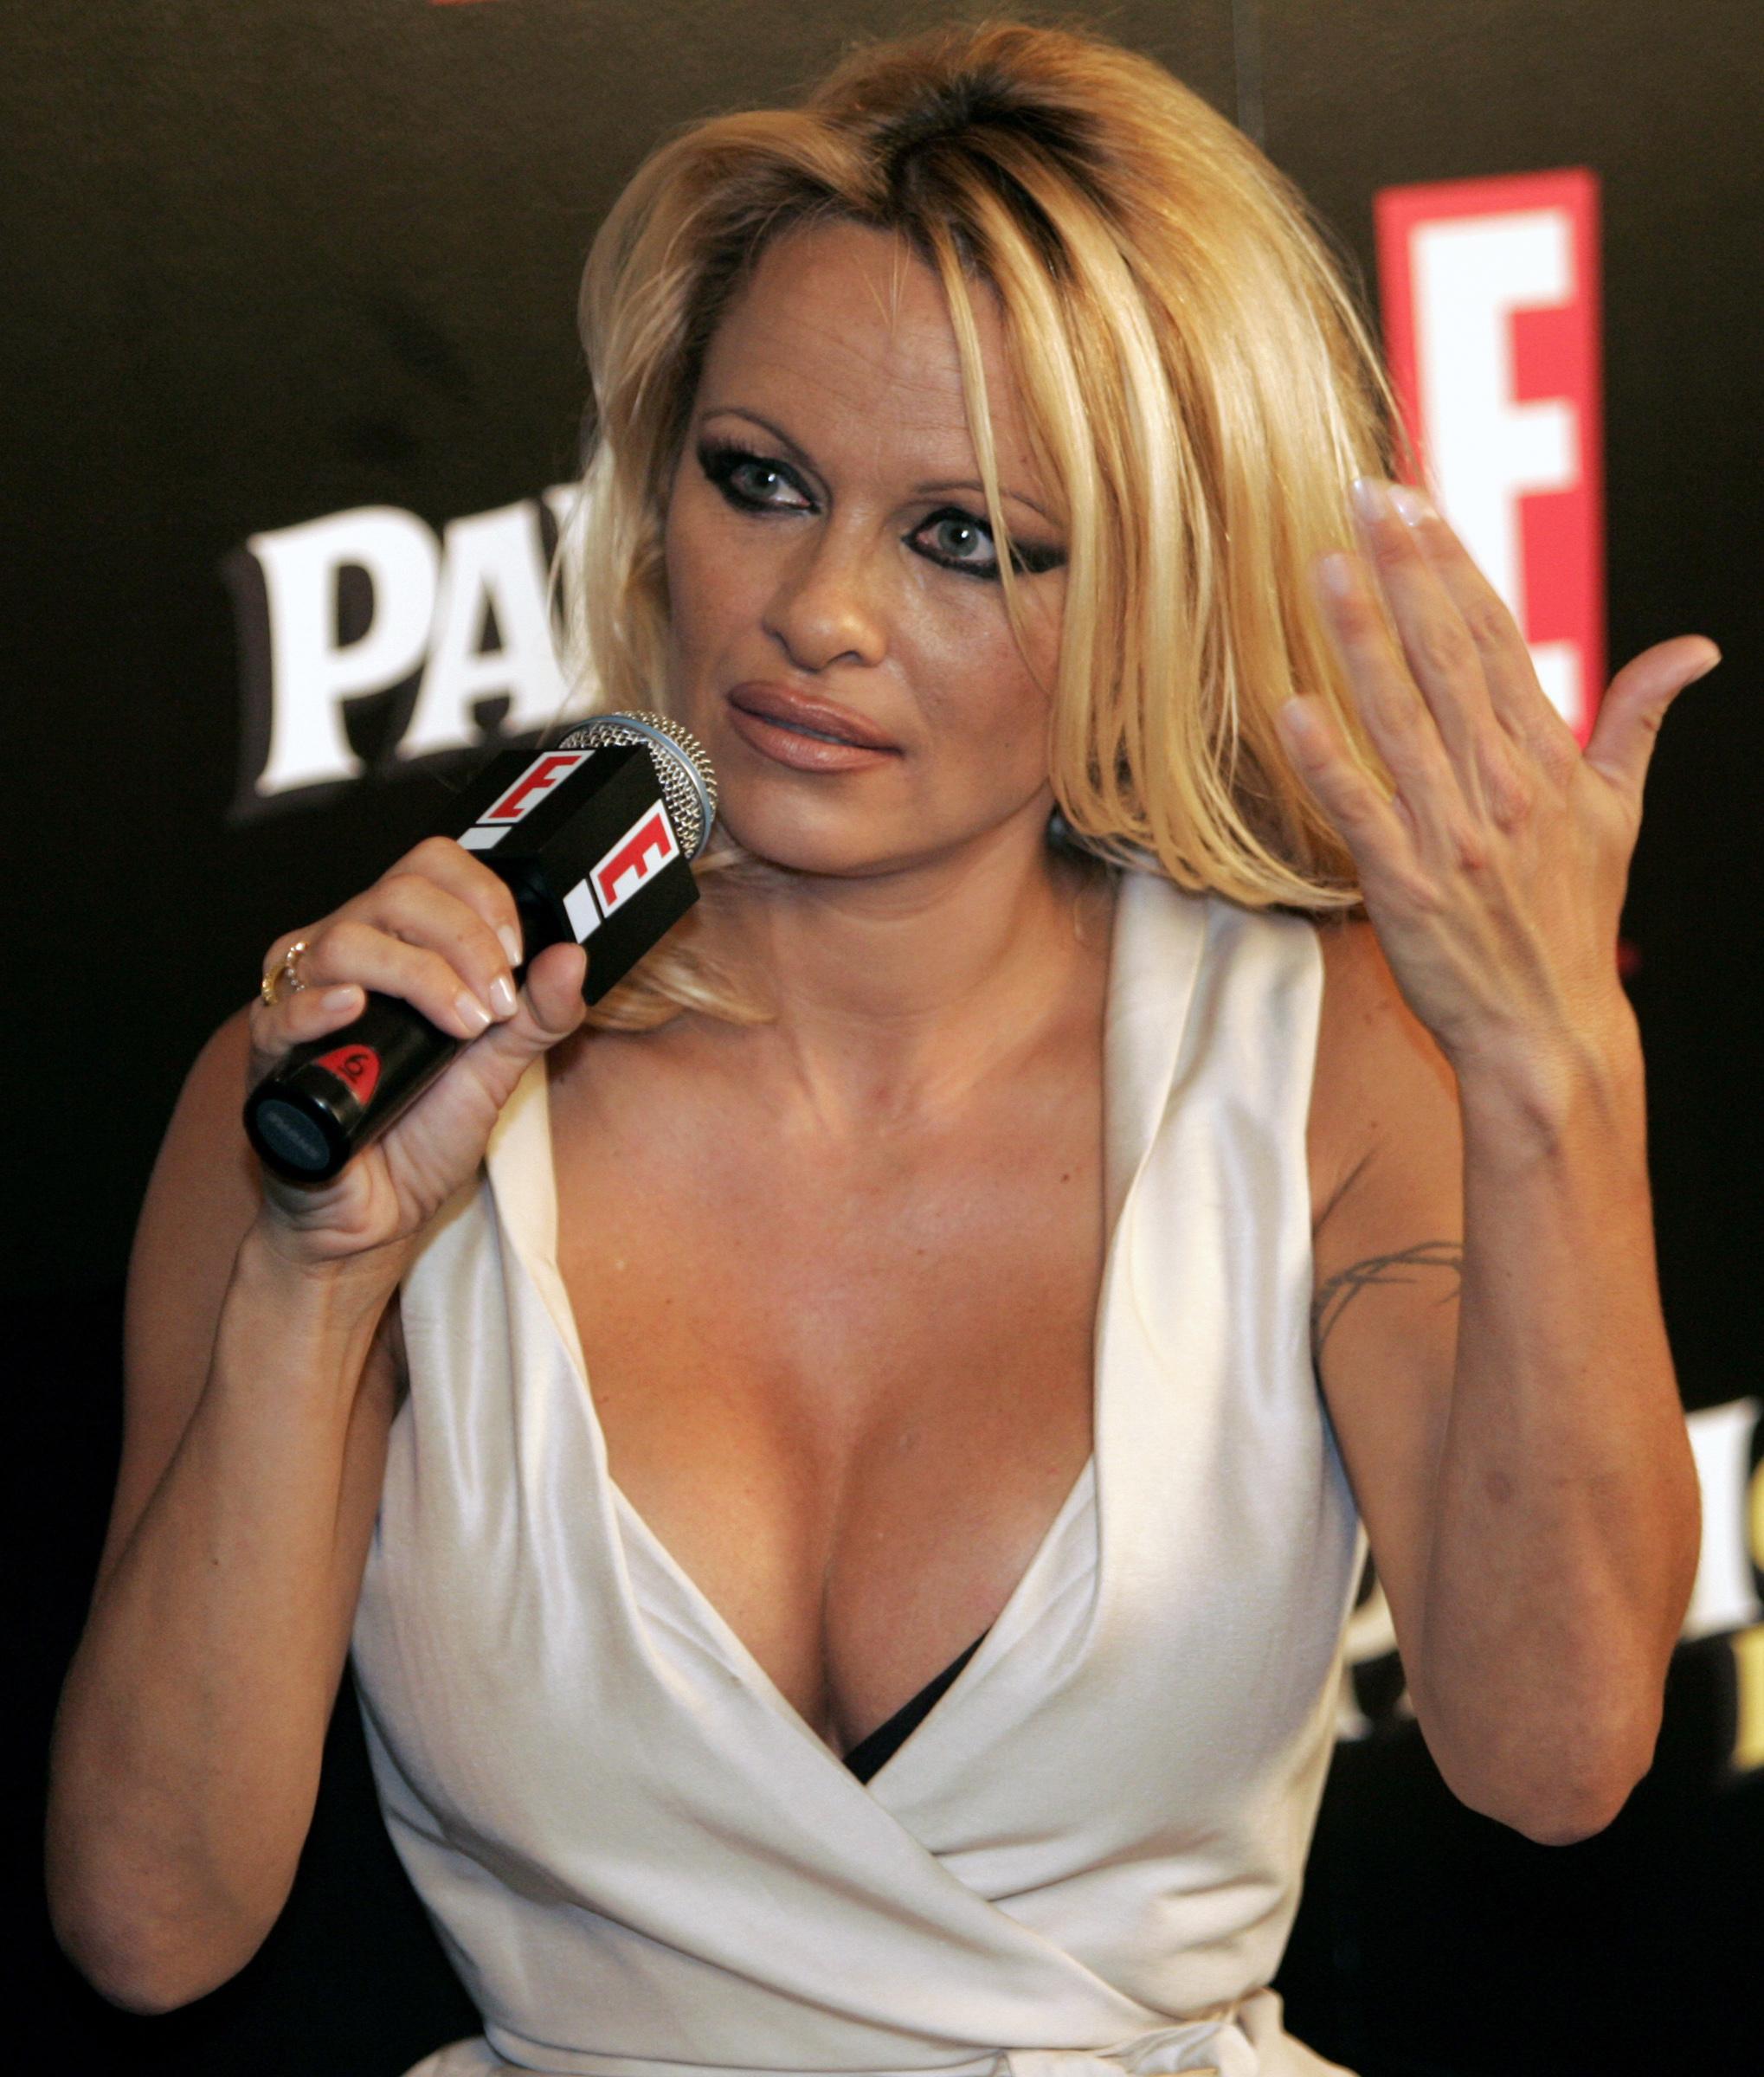 Αποτέλεσμα εικόνας για Pamela Anderson